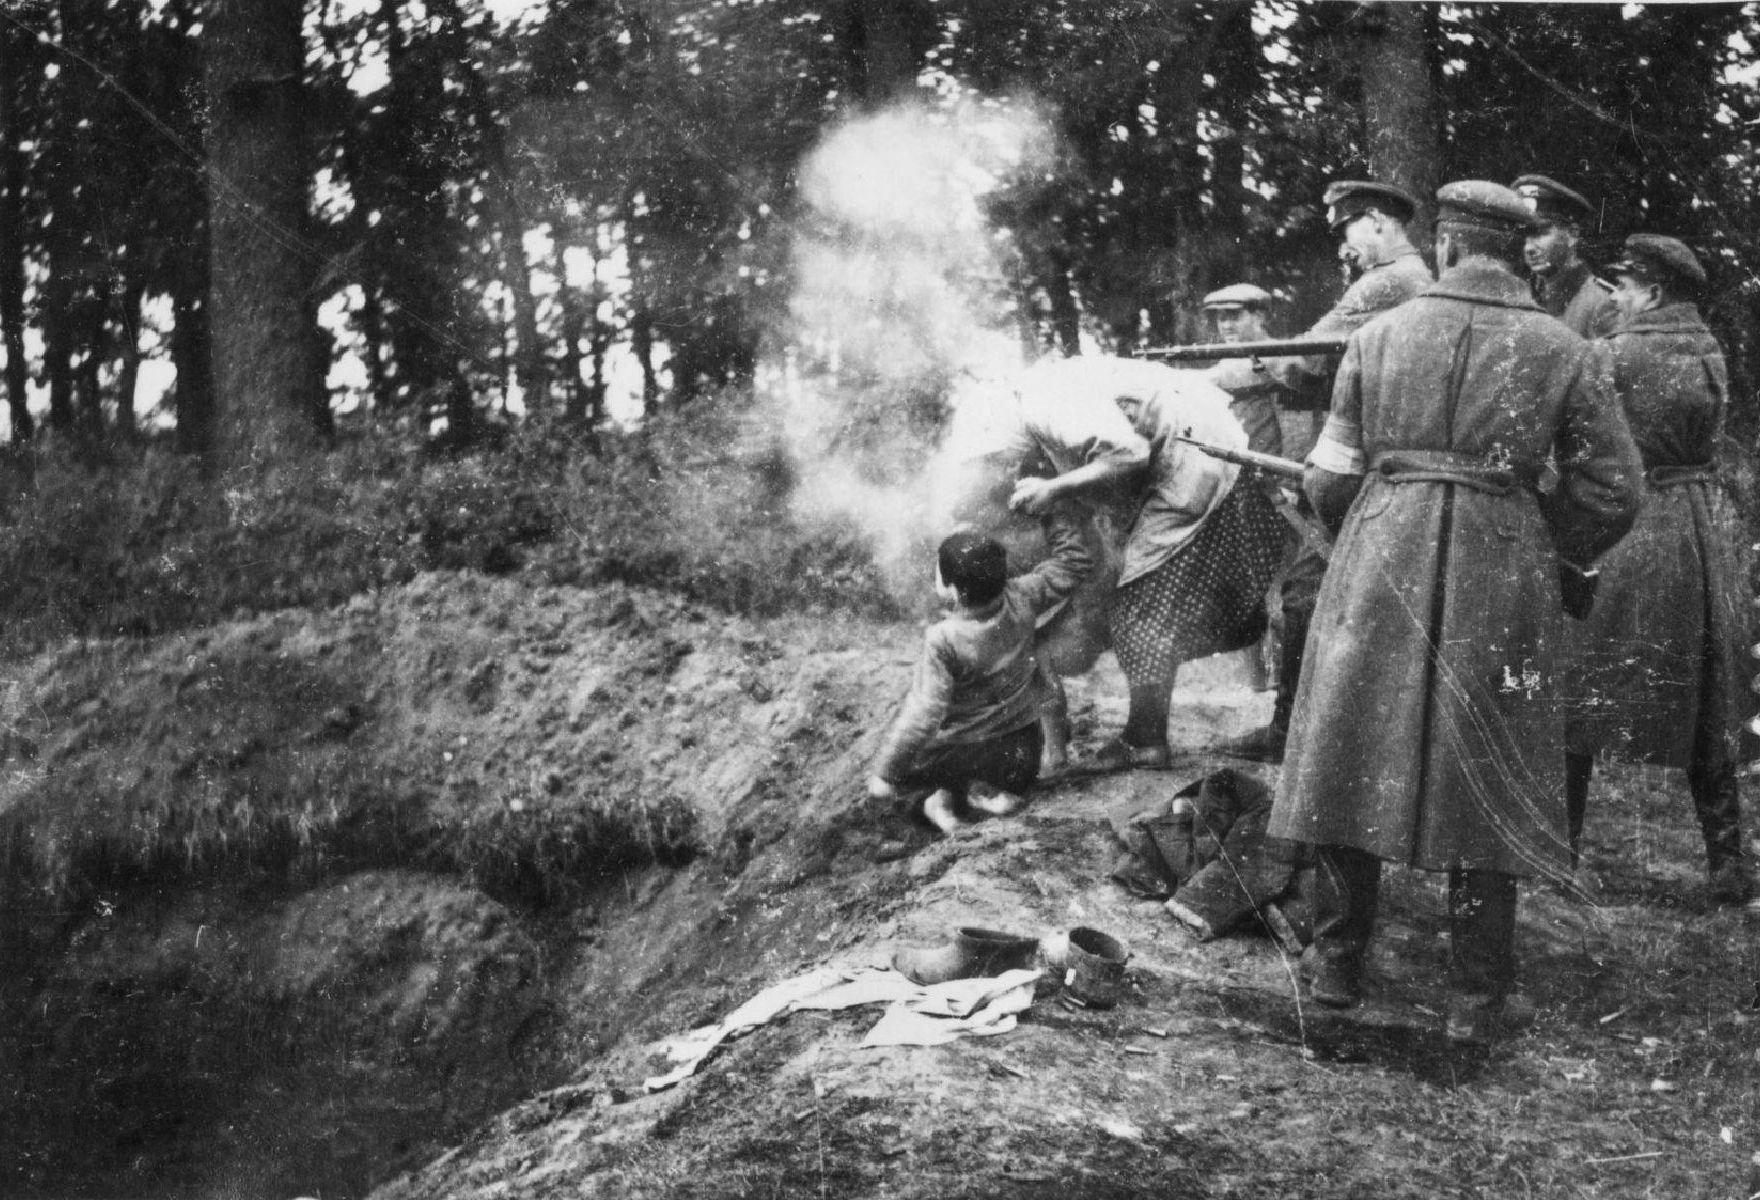 Солдаты украинской вспомогательной полиции расстреливают евреев в парке оккупированного поселка Мирополь Житомирской области Украинской ССР. 1941